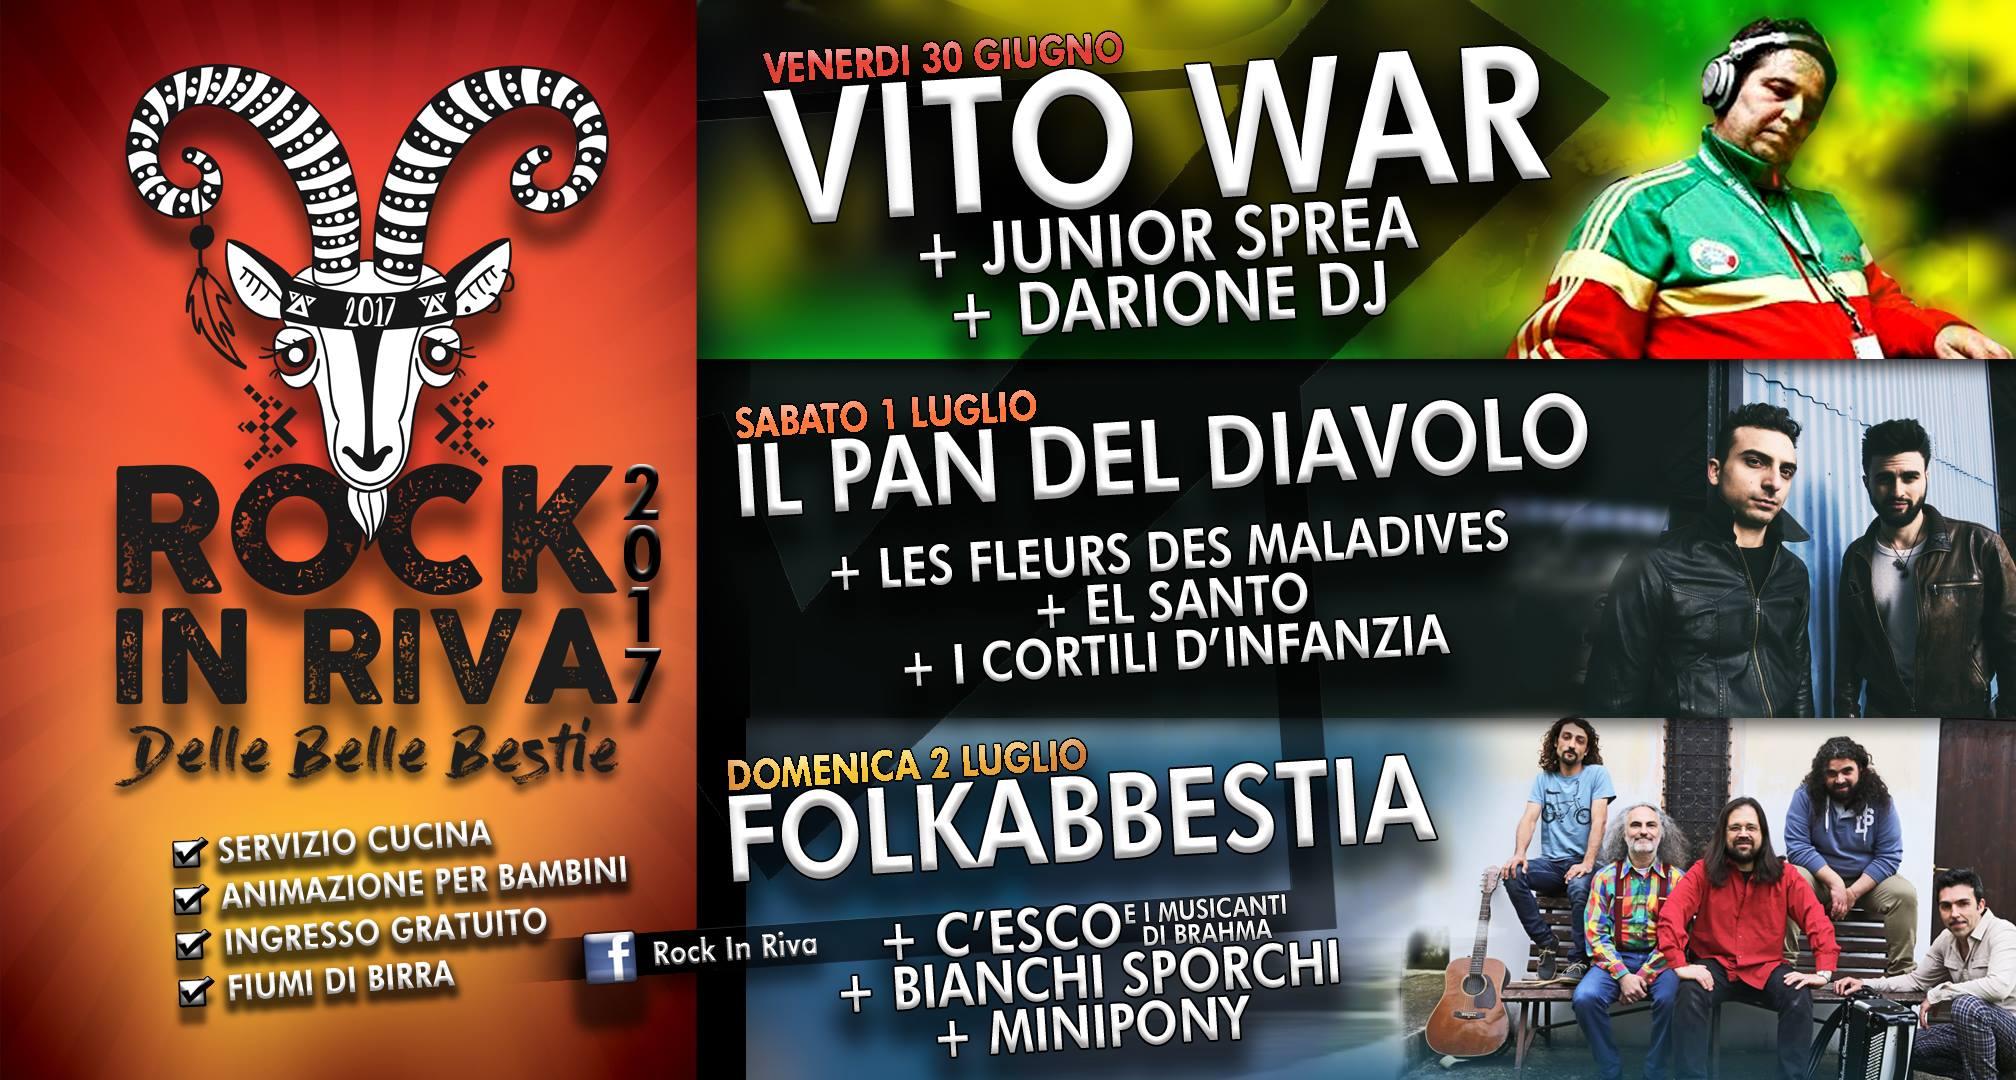 Rock in Riva 2017